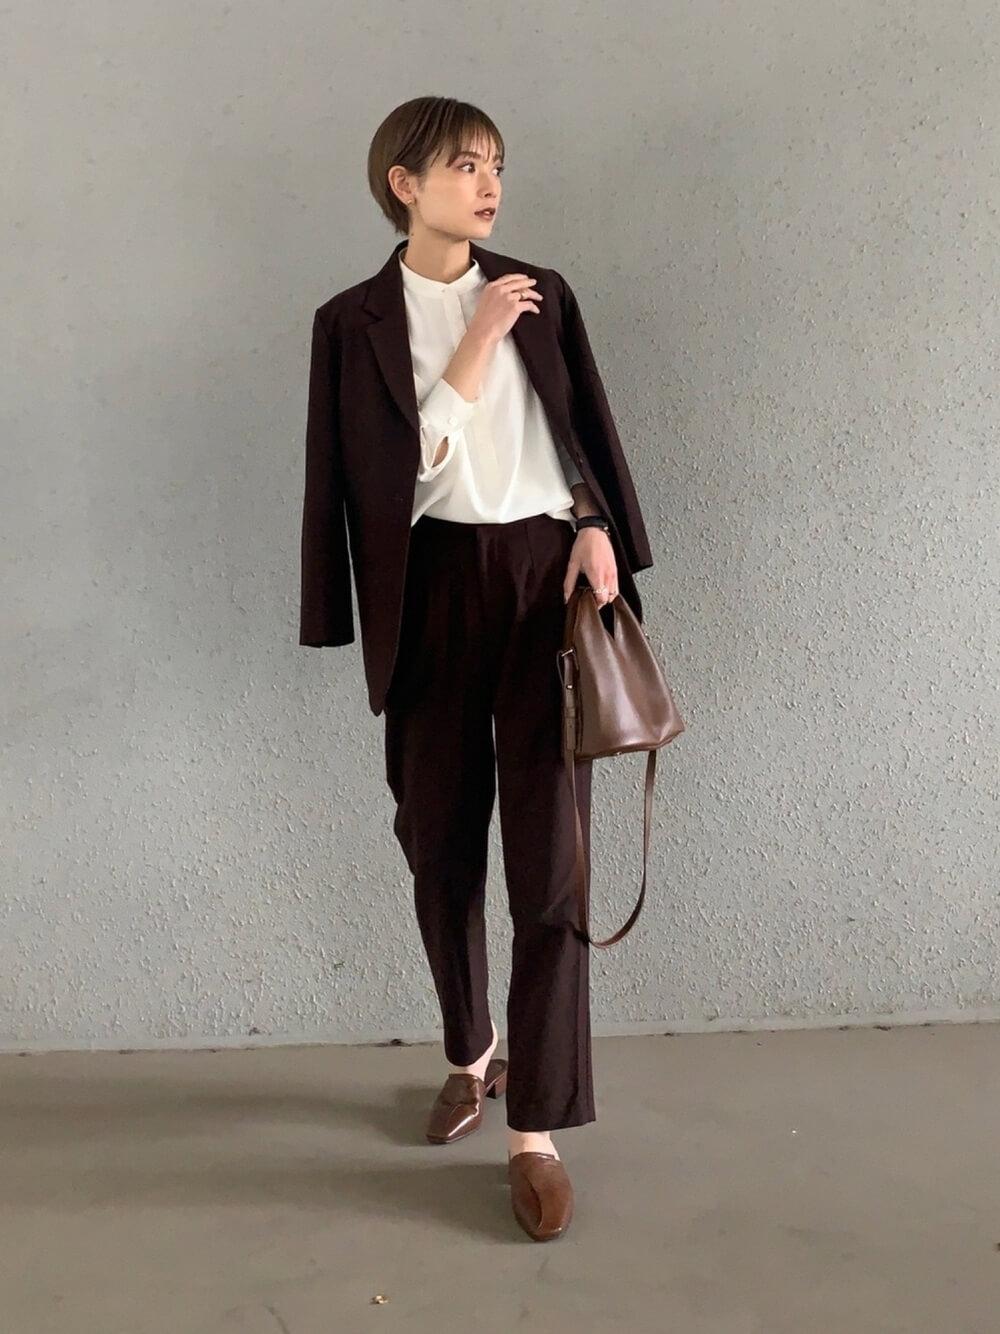 ダークブラウンのテーラードジャケットのセットアップ×白のバンドカラーシャツ×レザーのサボサンダル